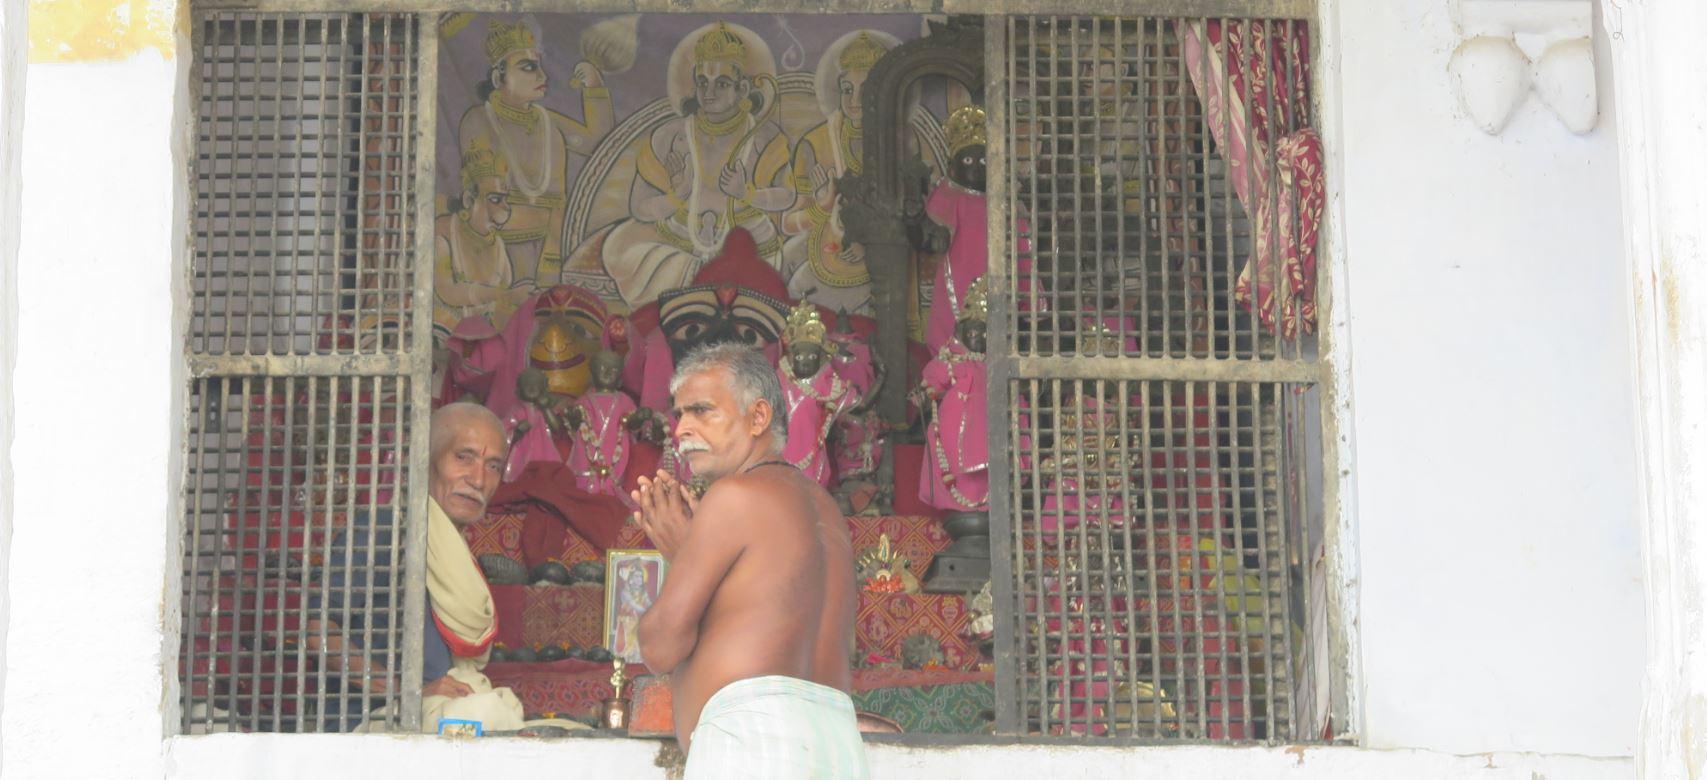 culte hanuman bénares Ramayana